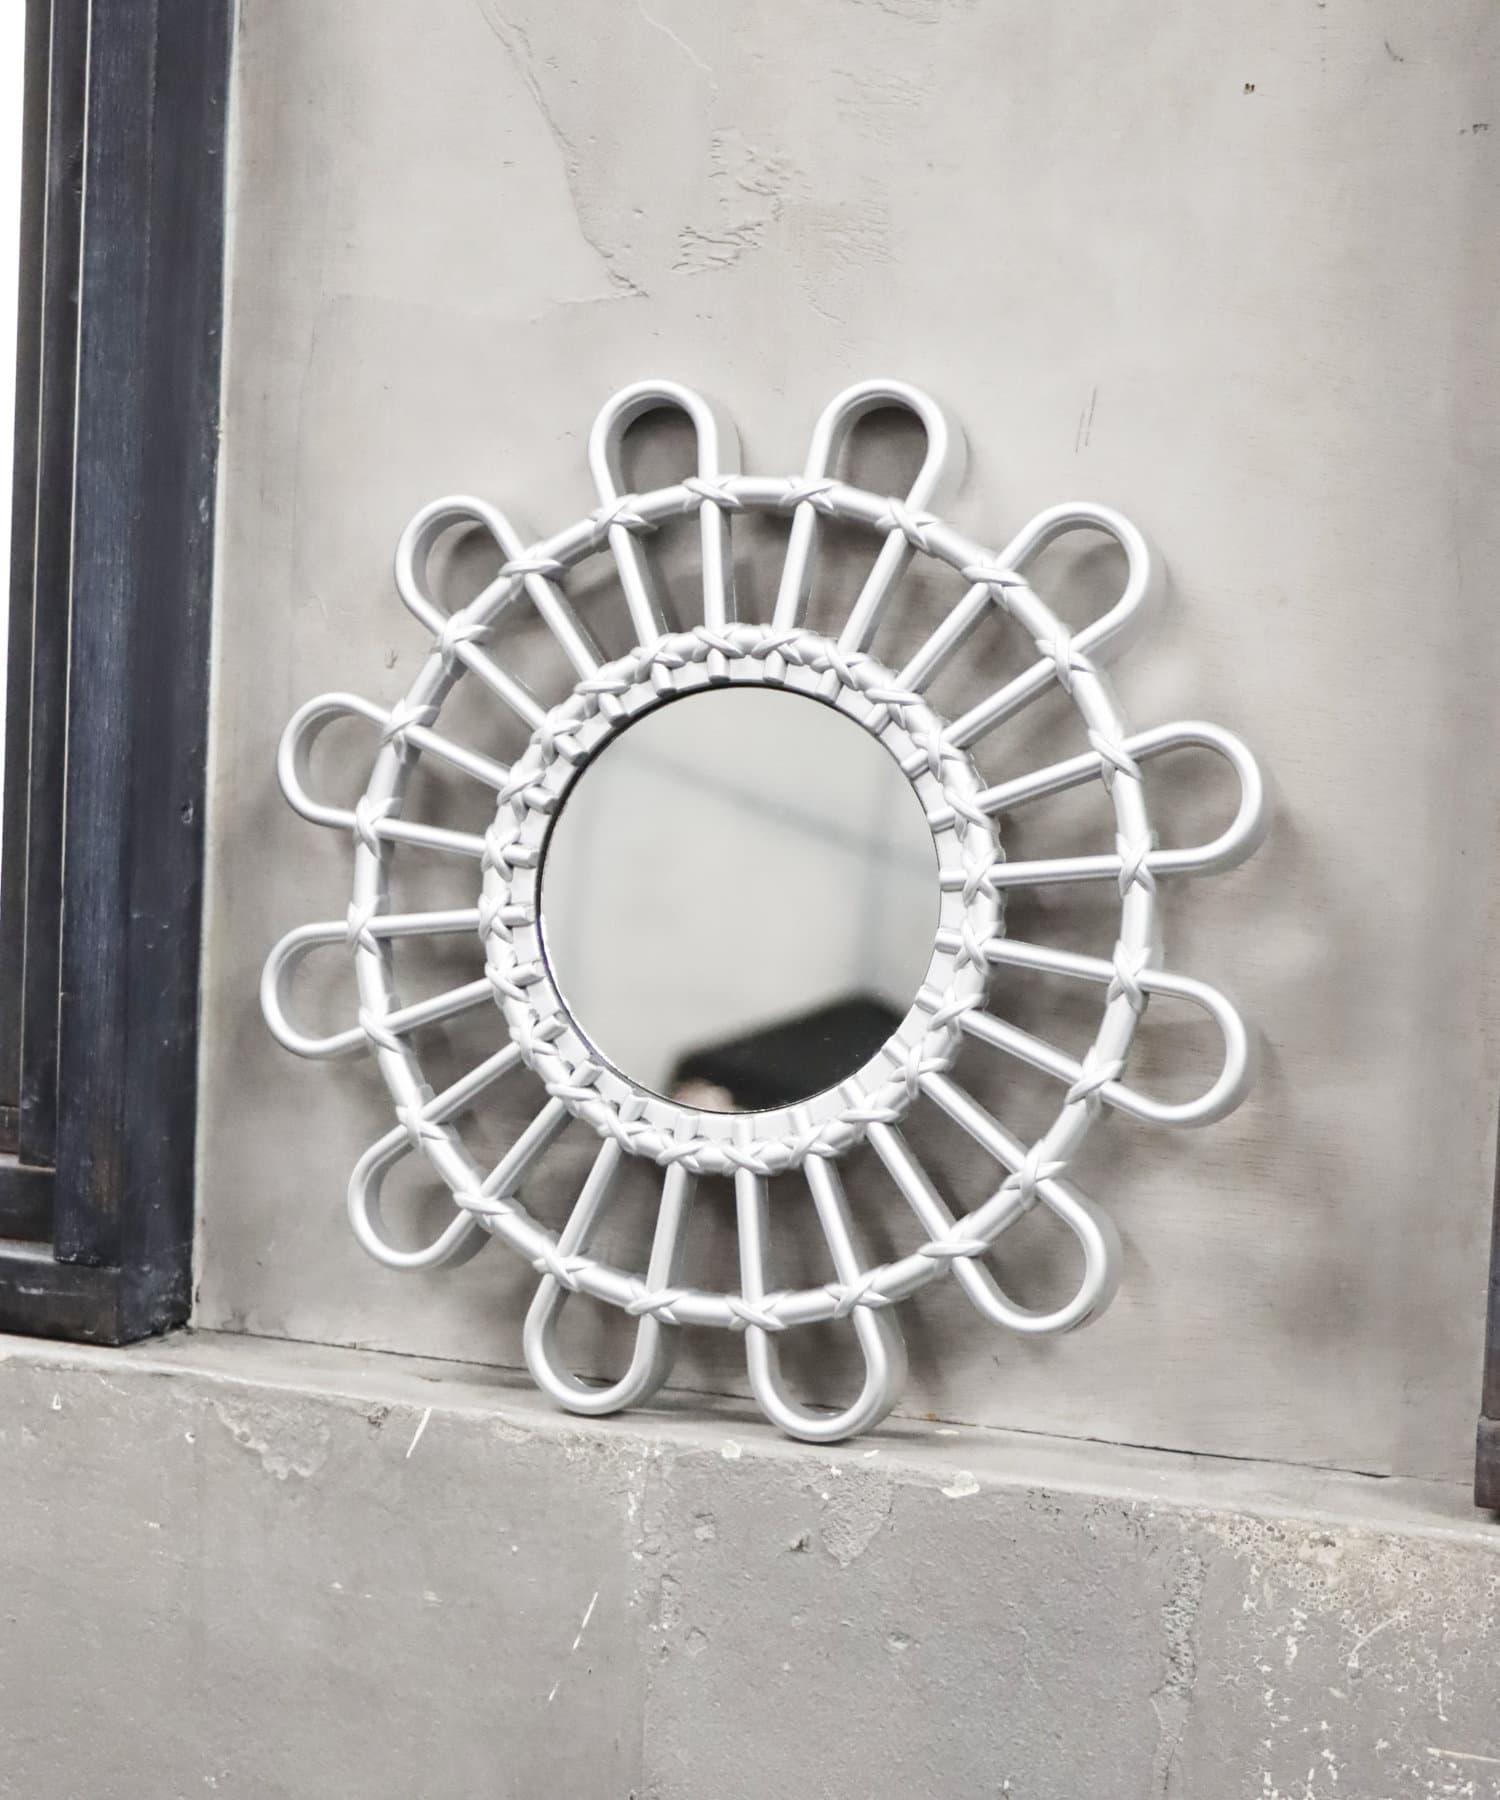 ASOKO(アソコ) ライフスタイル アンティーク壁掛けミラー(丸) シルバー